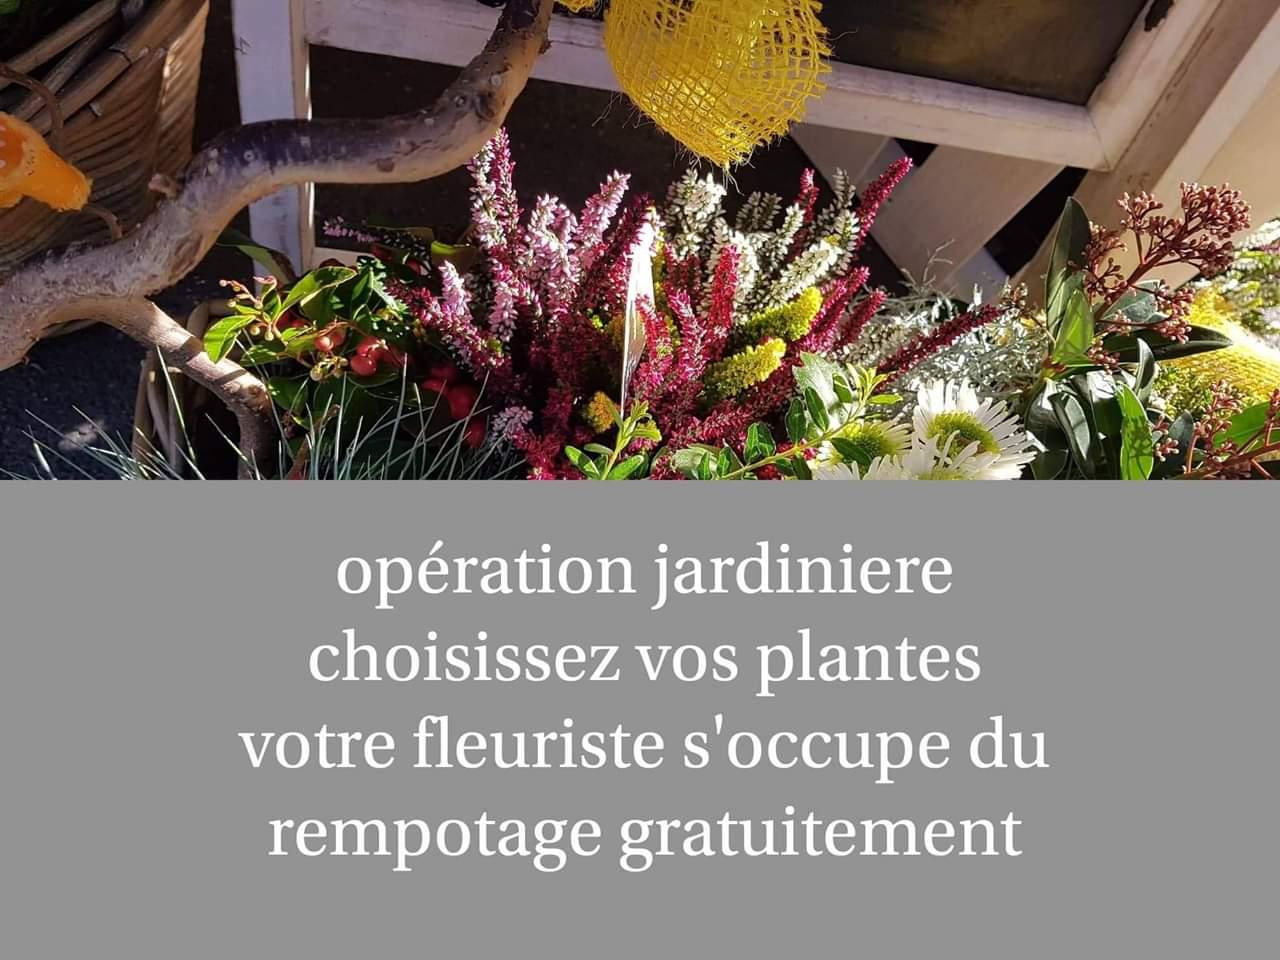 Operation jardiniere d automne avec Hé fleur et moi fleuriste de Valenciennes